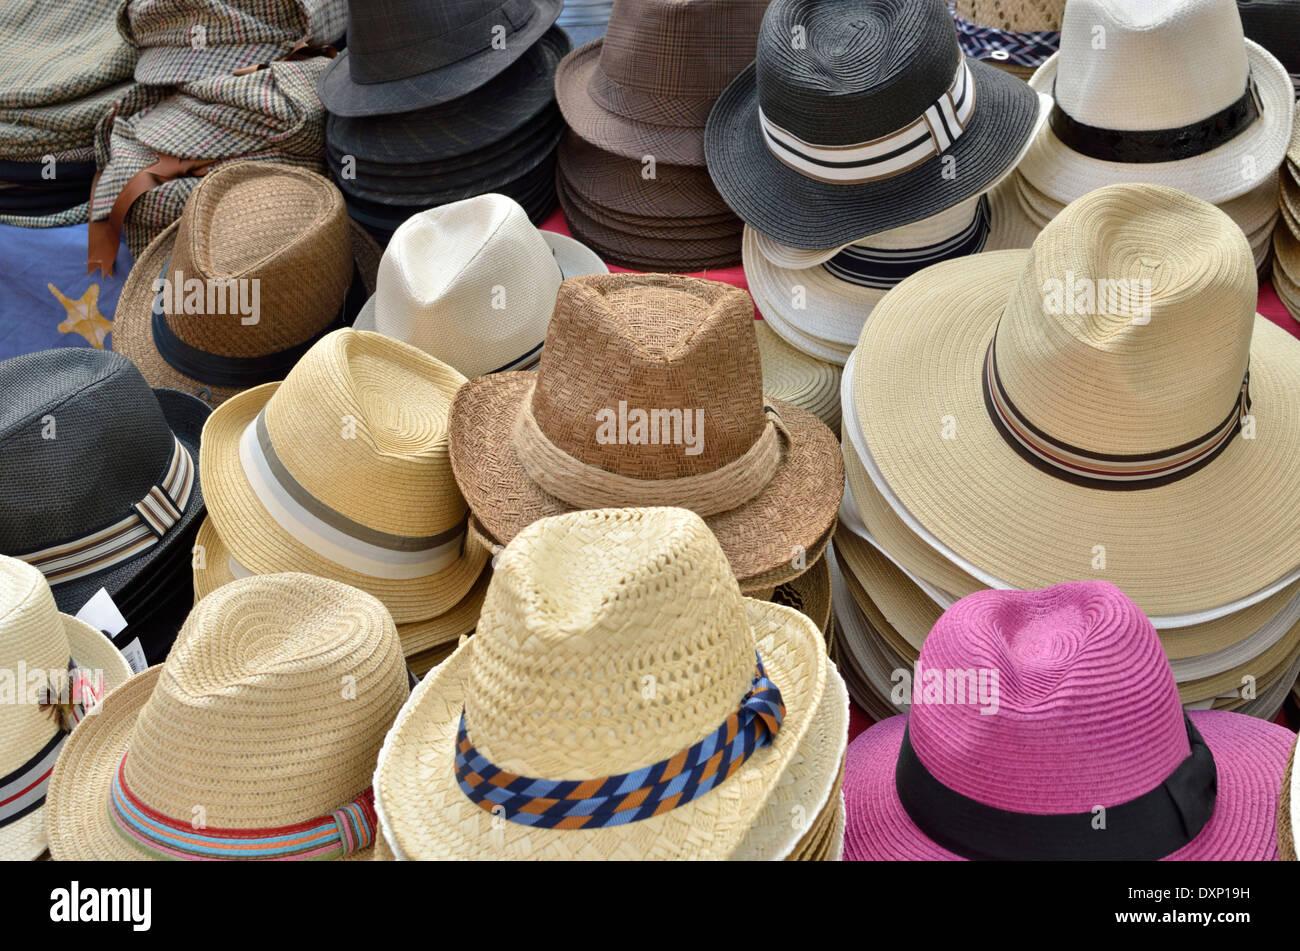 Lots Of Hats Imágenes De Stock   Lots Of Hats Fotos De Stock - Alamy 6059a2774a9